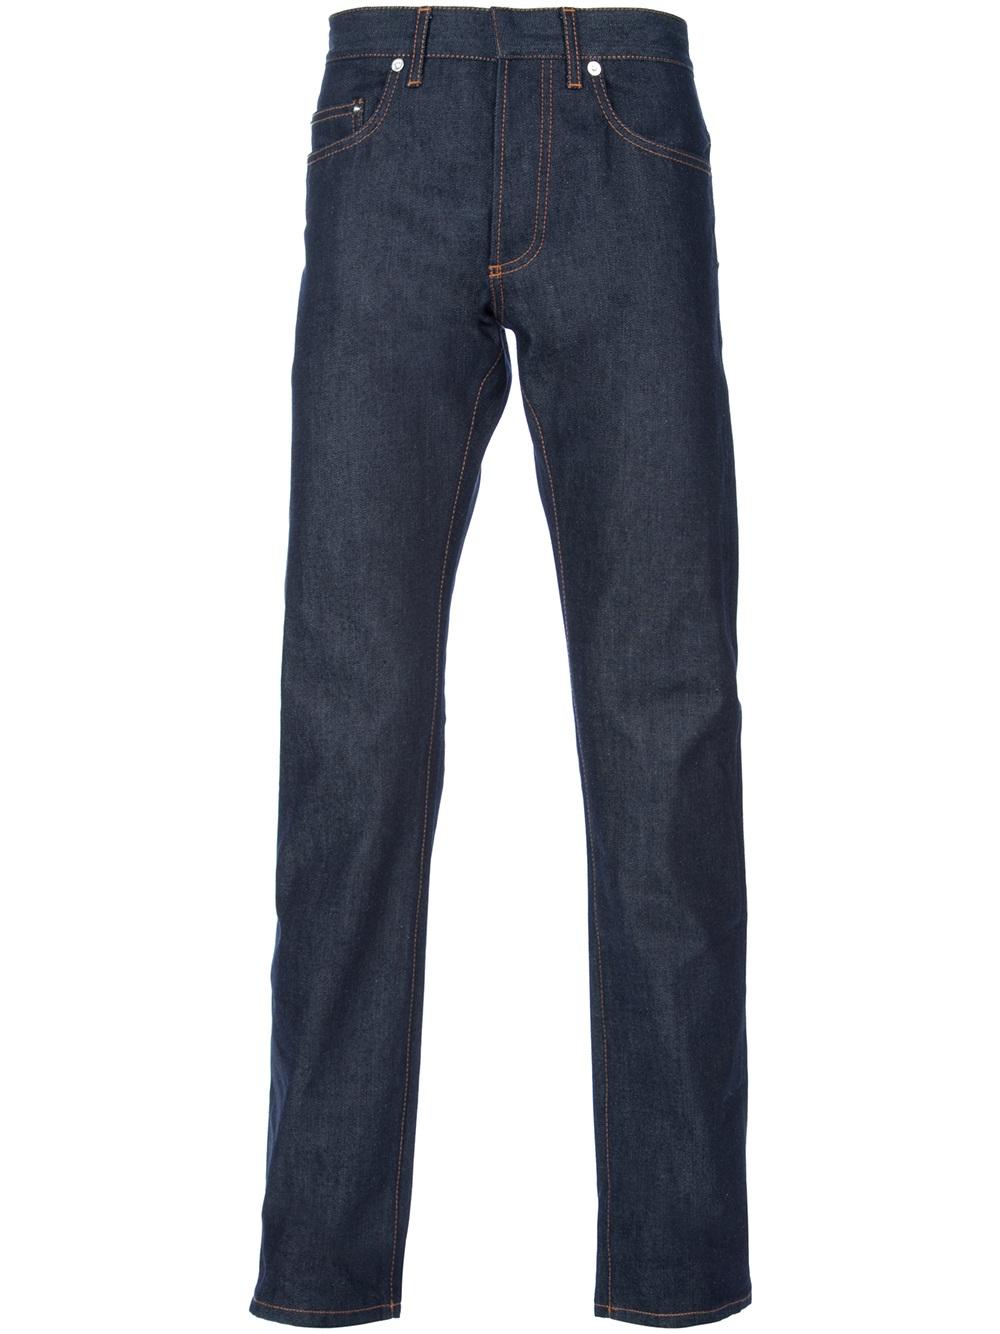 lyst dior homme slim fit jean in blue for men. Black Bedroom Furniture Sets. Home Design Ideas